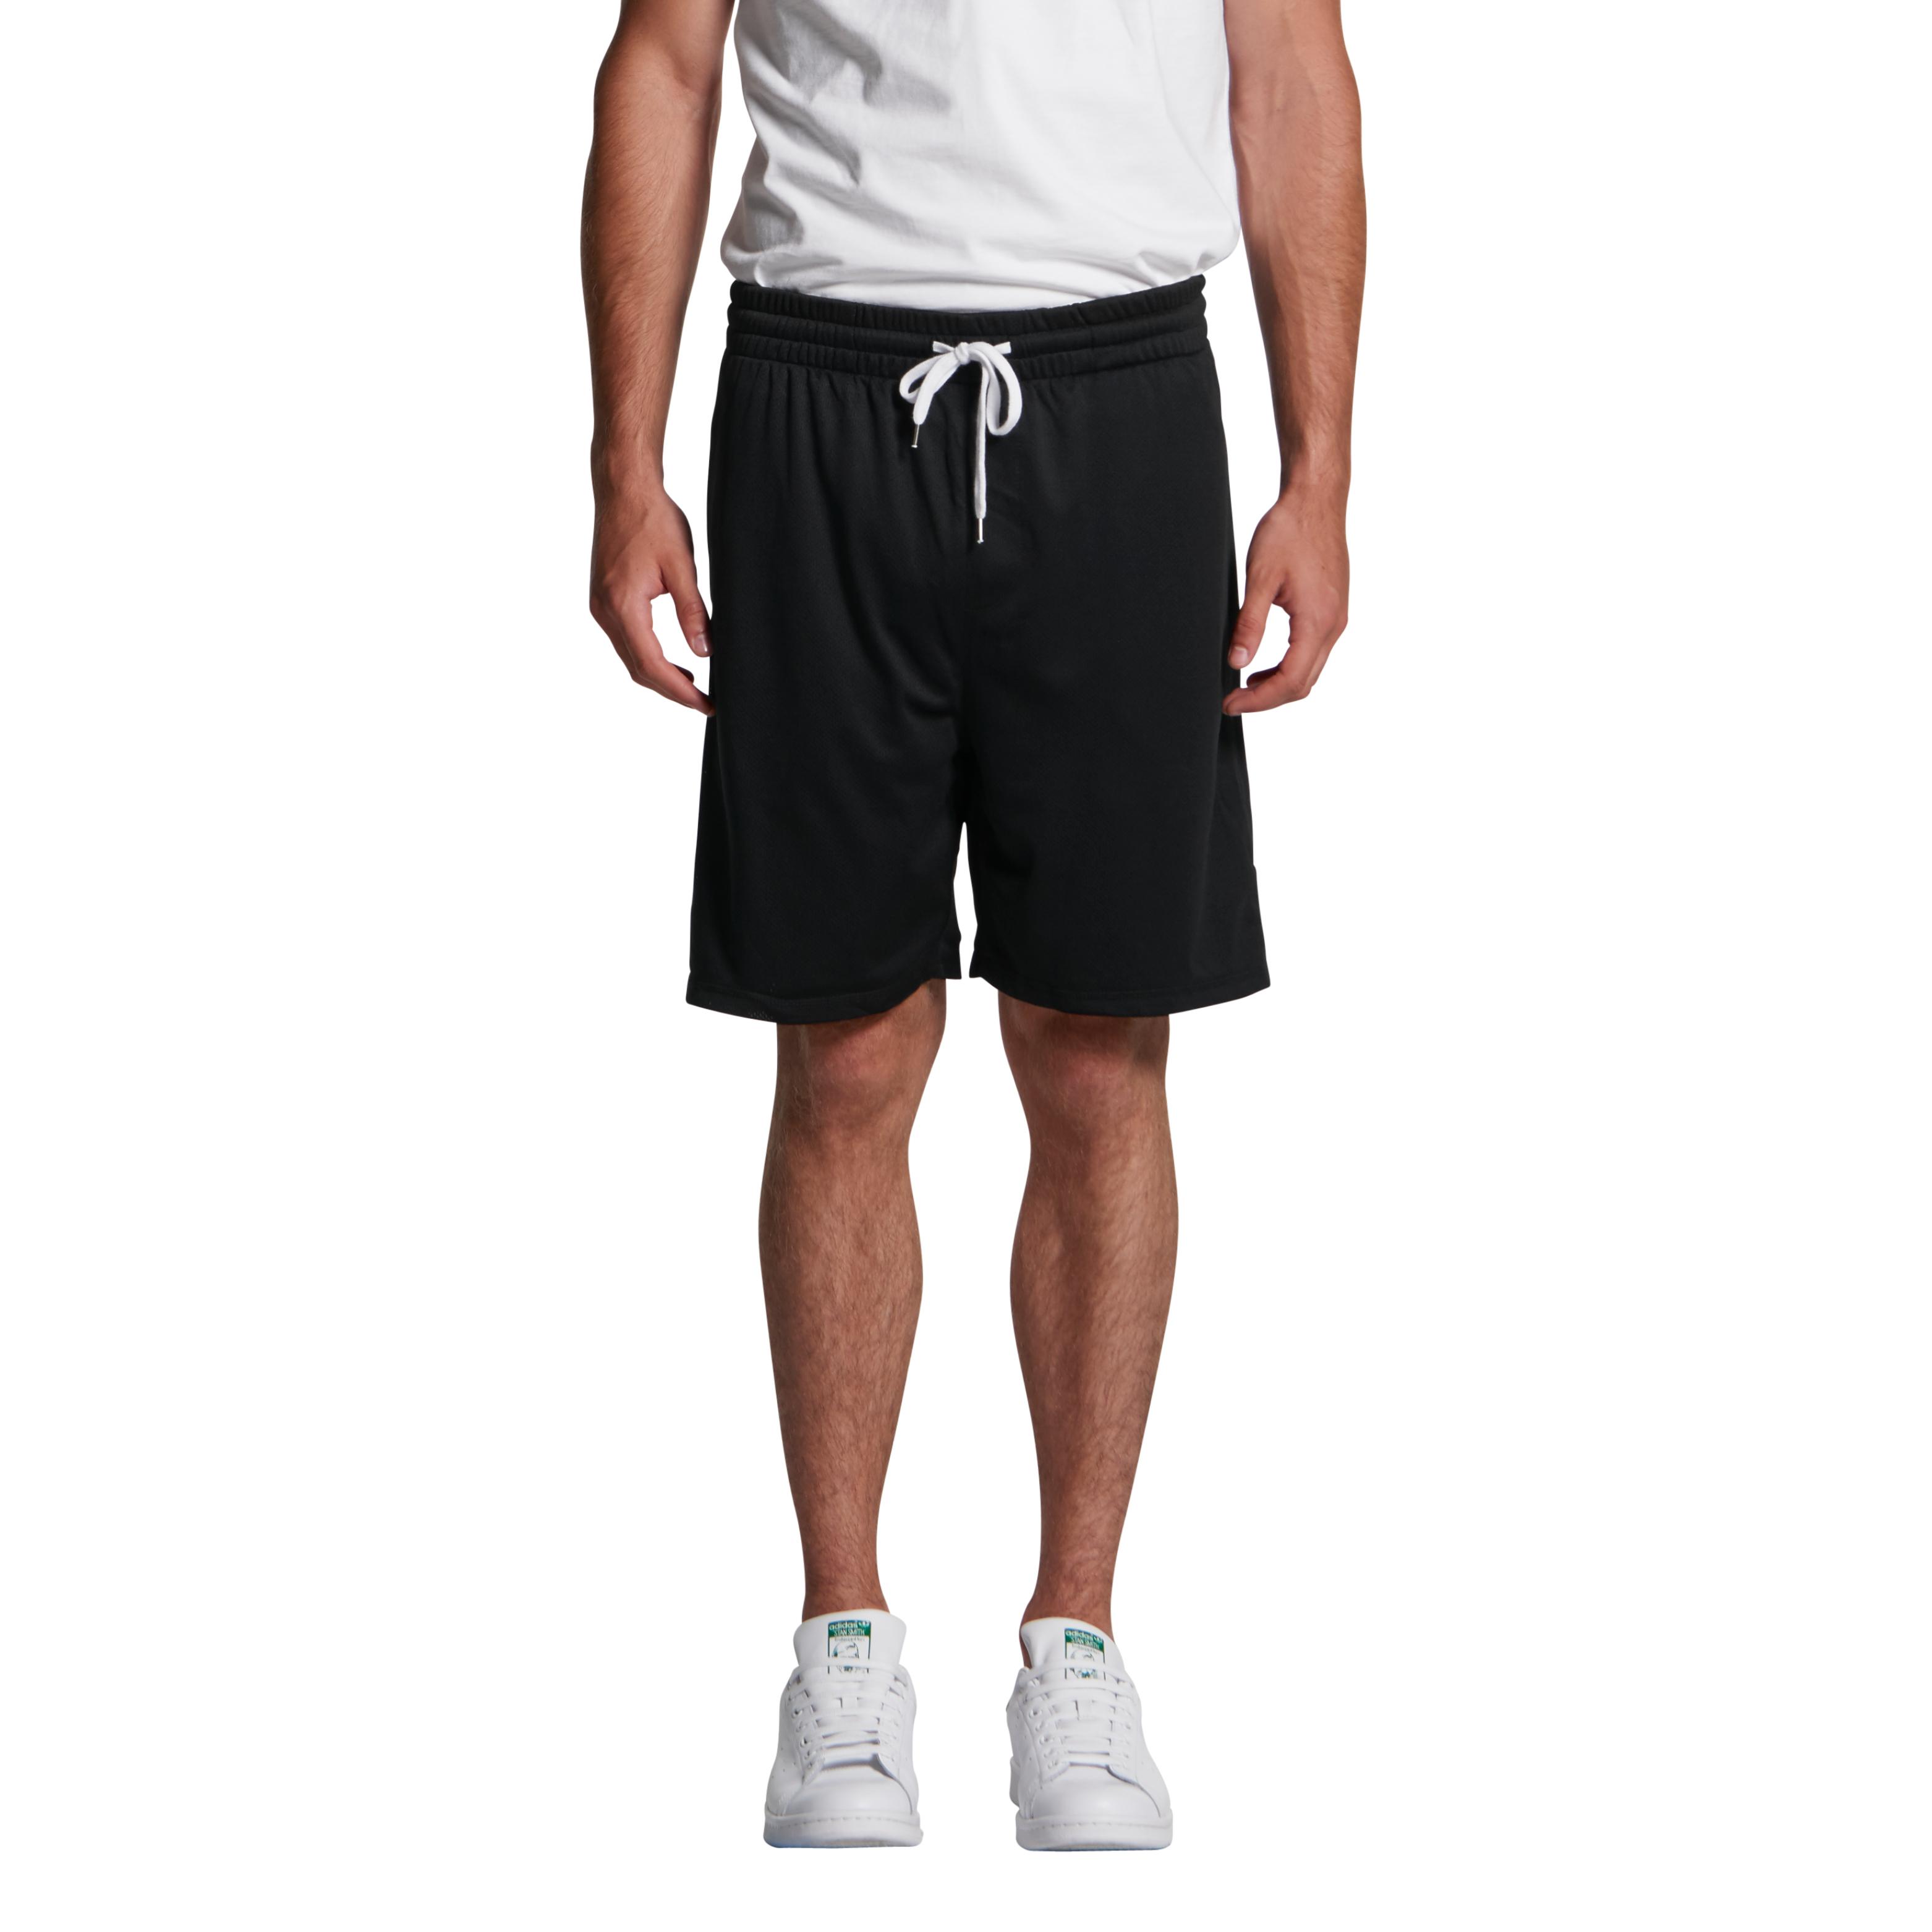 AS Colour Court Shorts